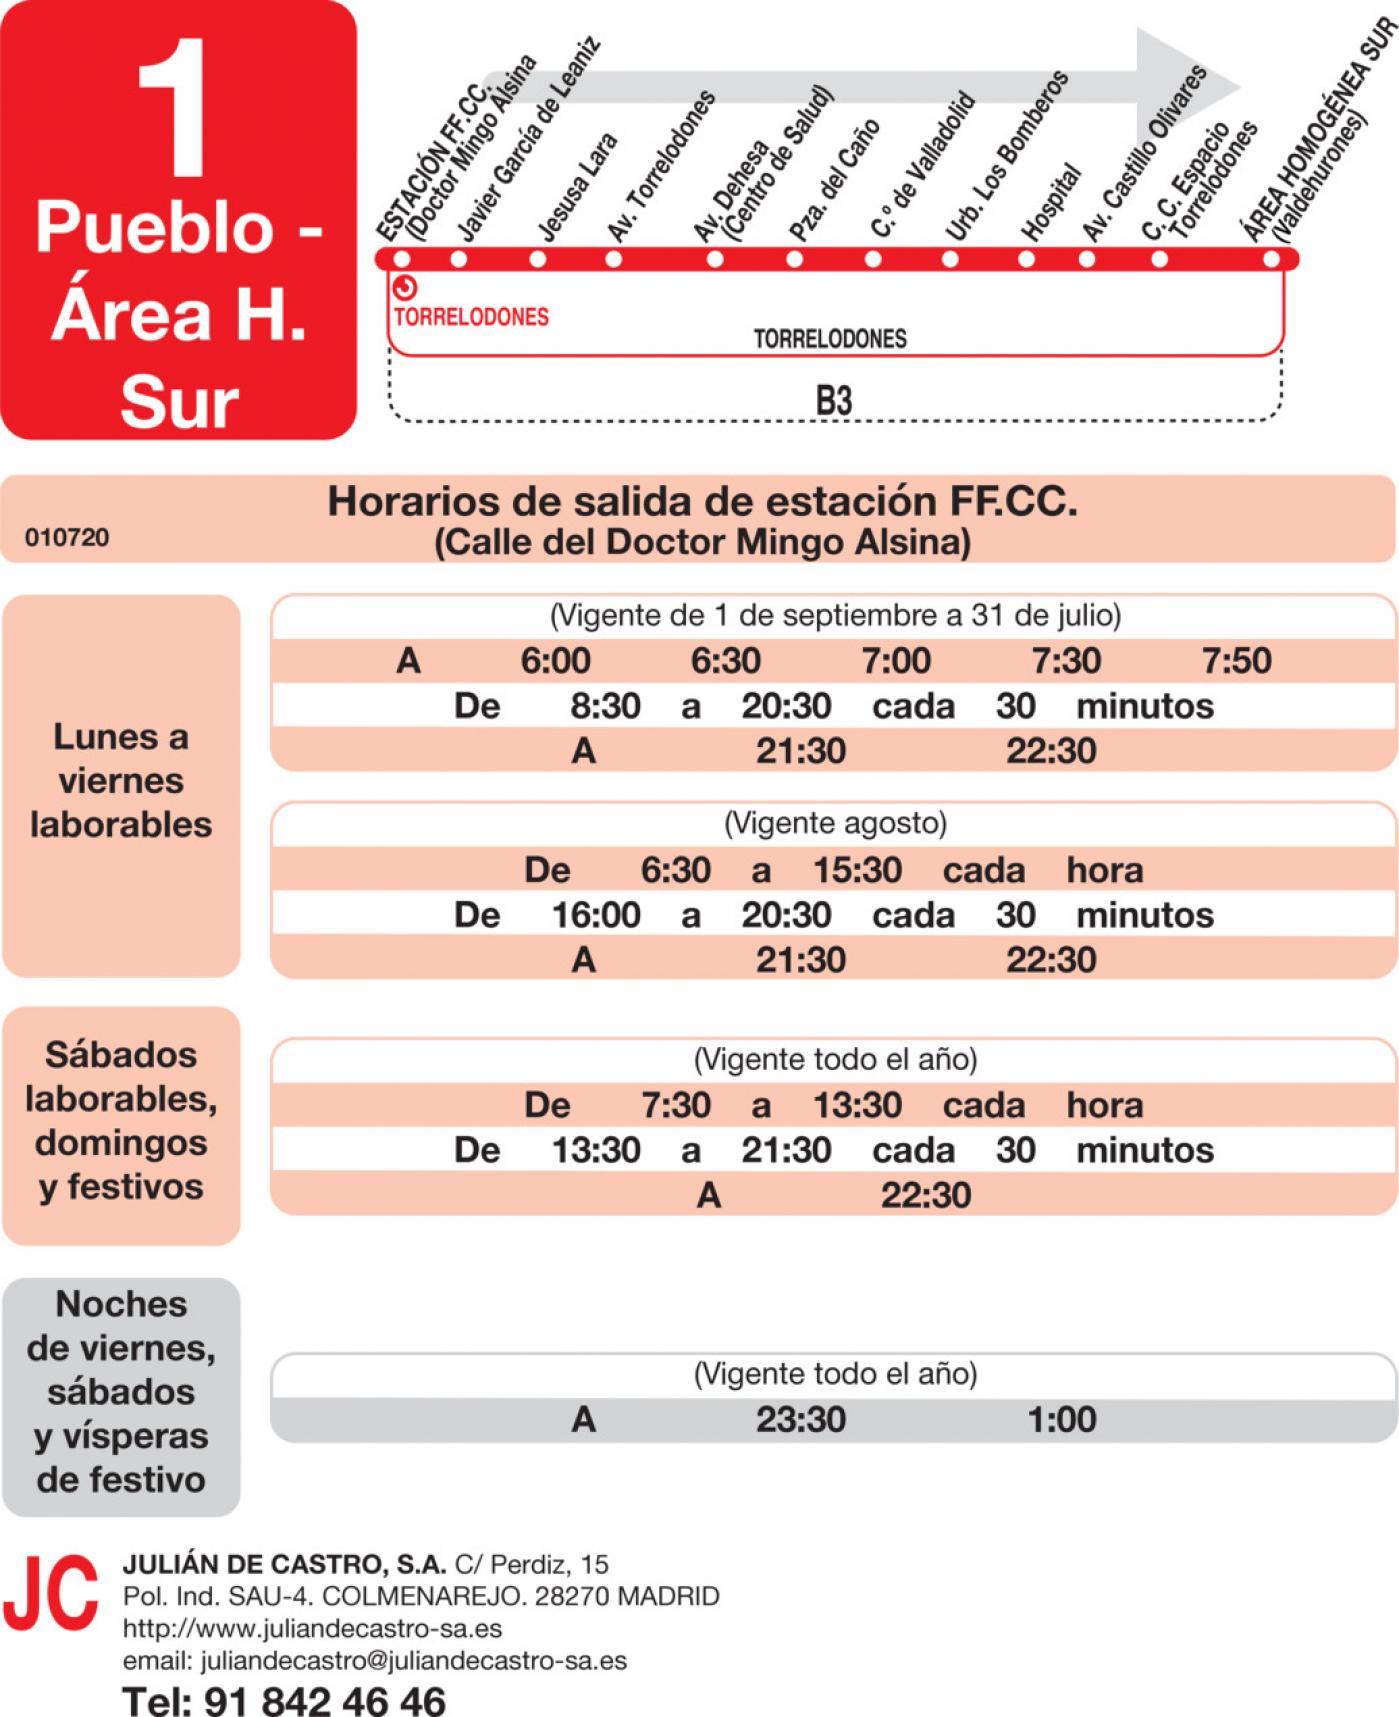 Tabla de horarios y frecuencias de paso en sentido ida Línea L-1 Torrelodones: Estación Cercanías RENFE - Colonia - Pueblo - Área Homogénea Sur